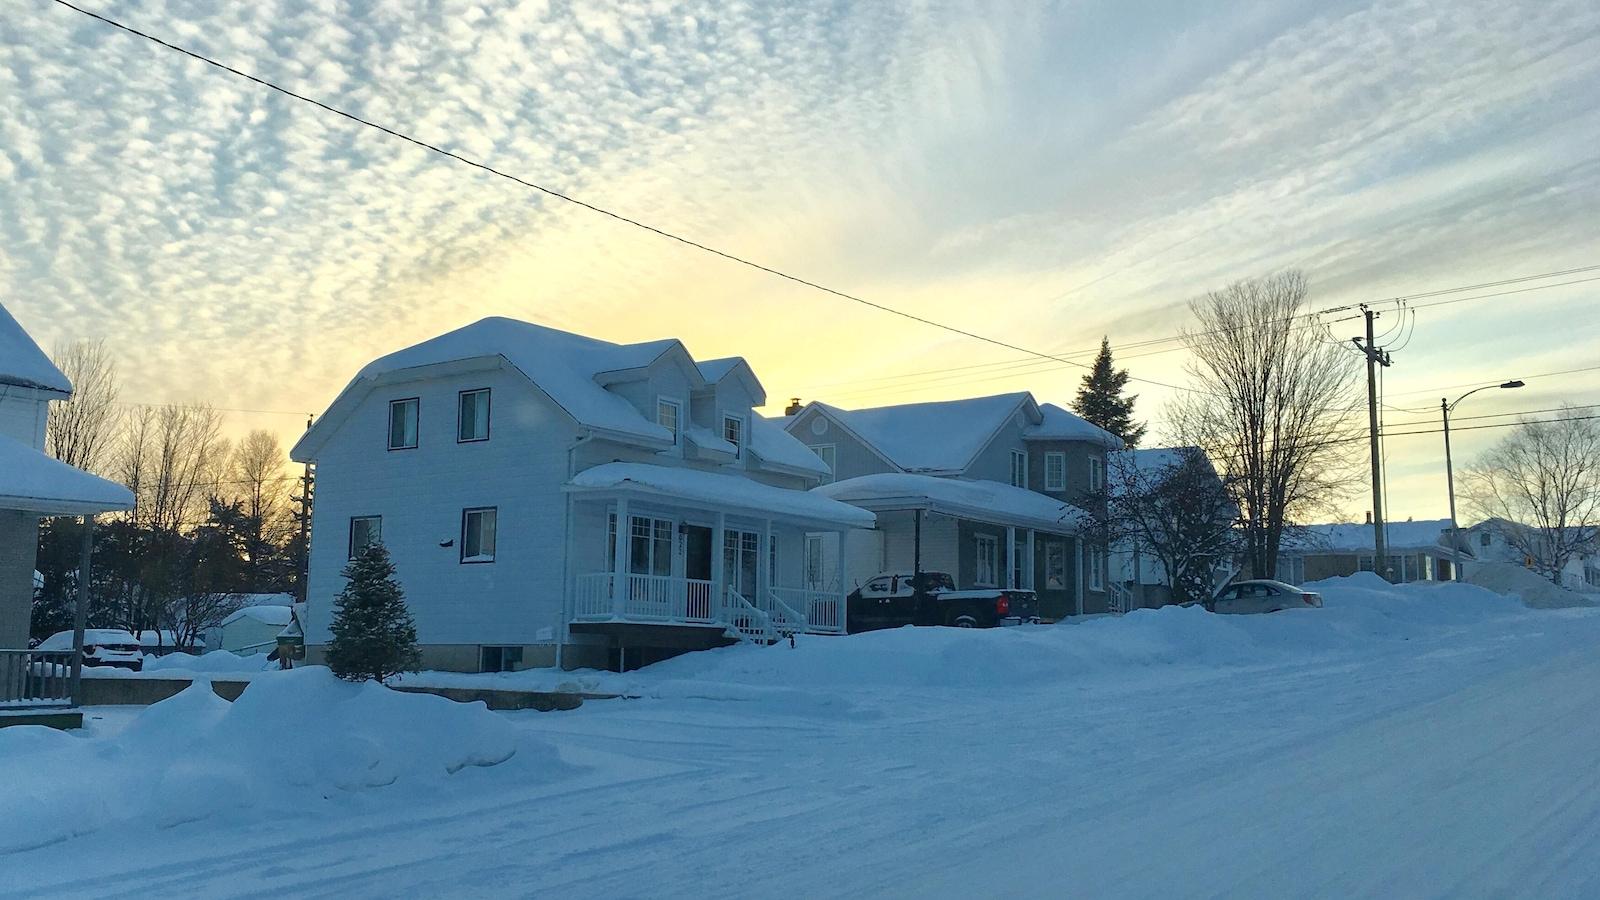 Une maison dans une rue enneigée.